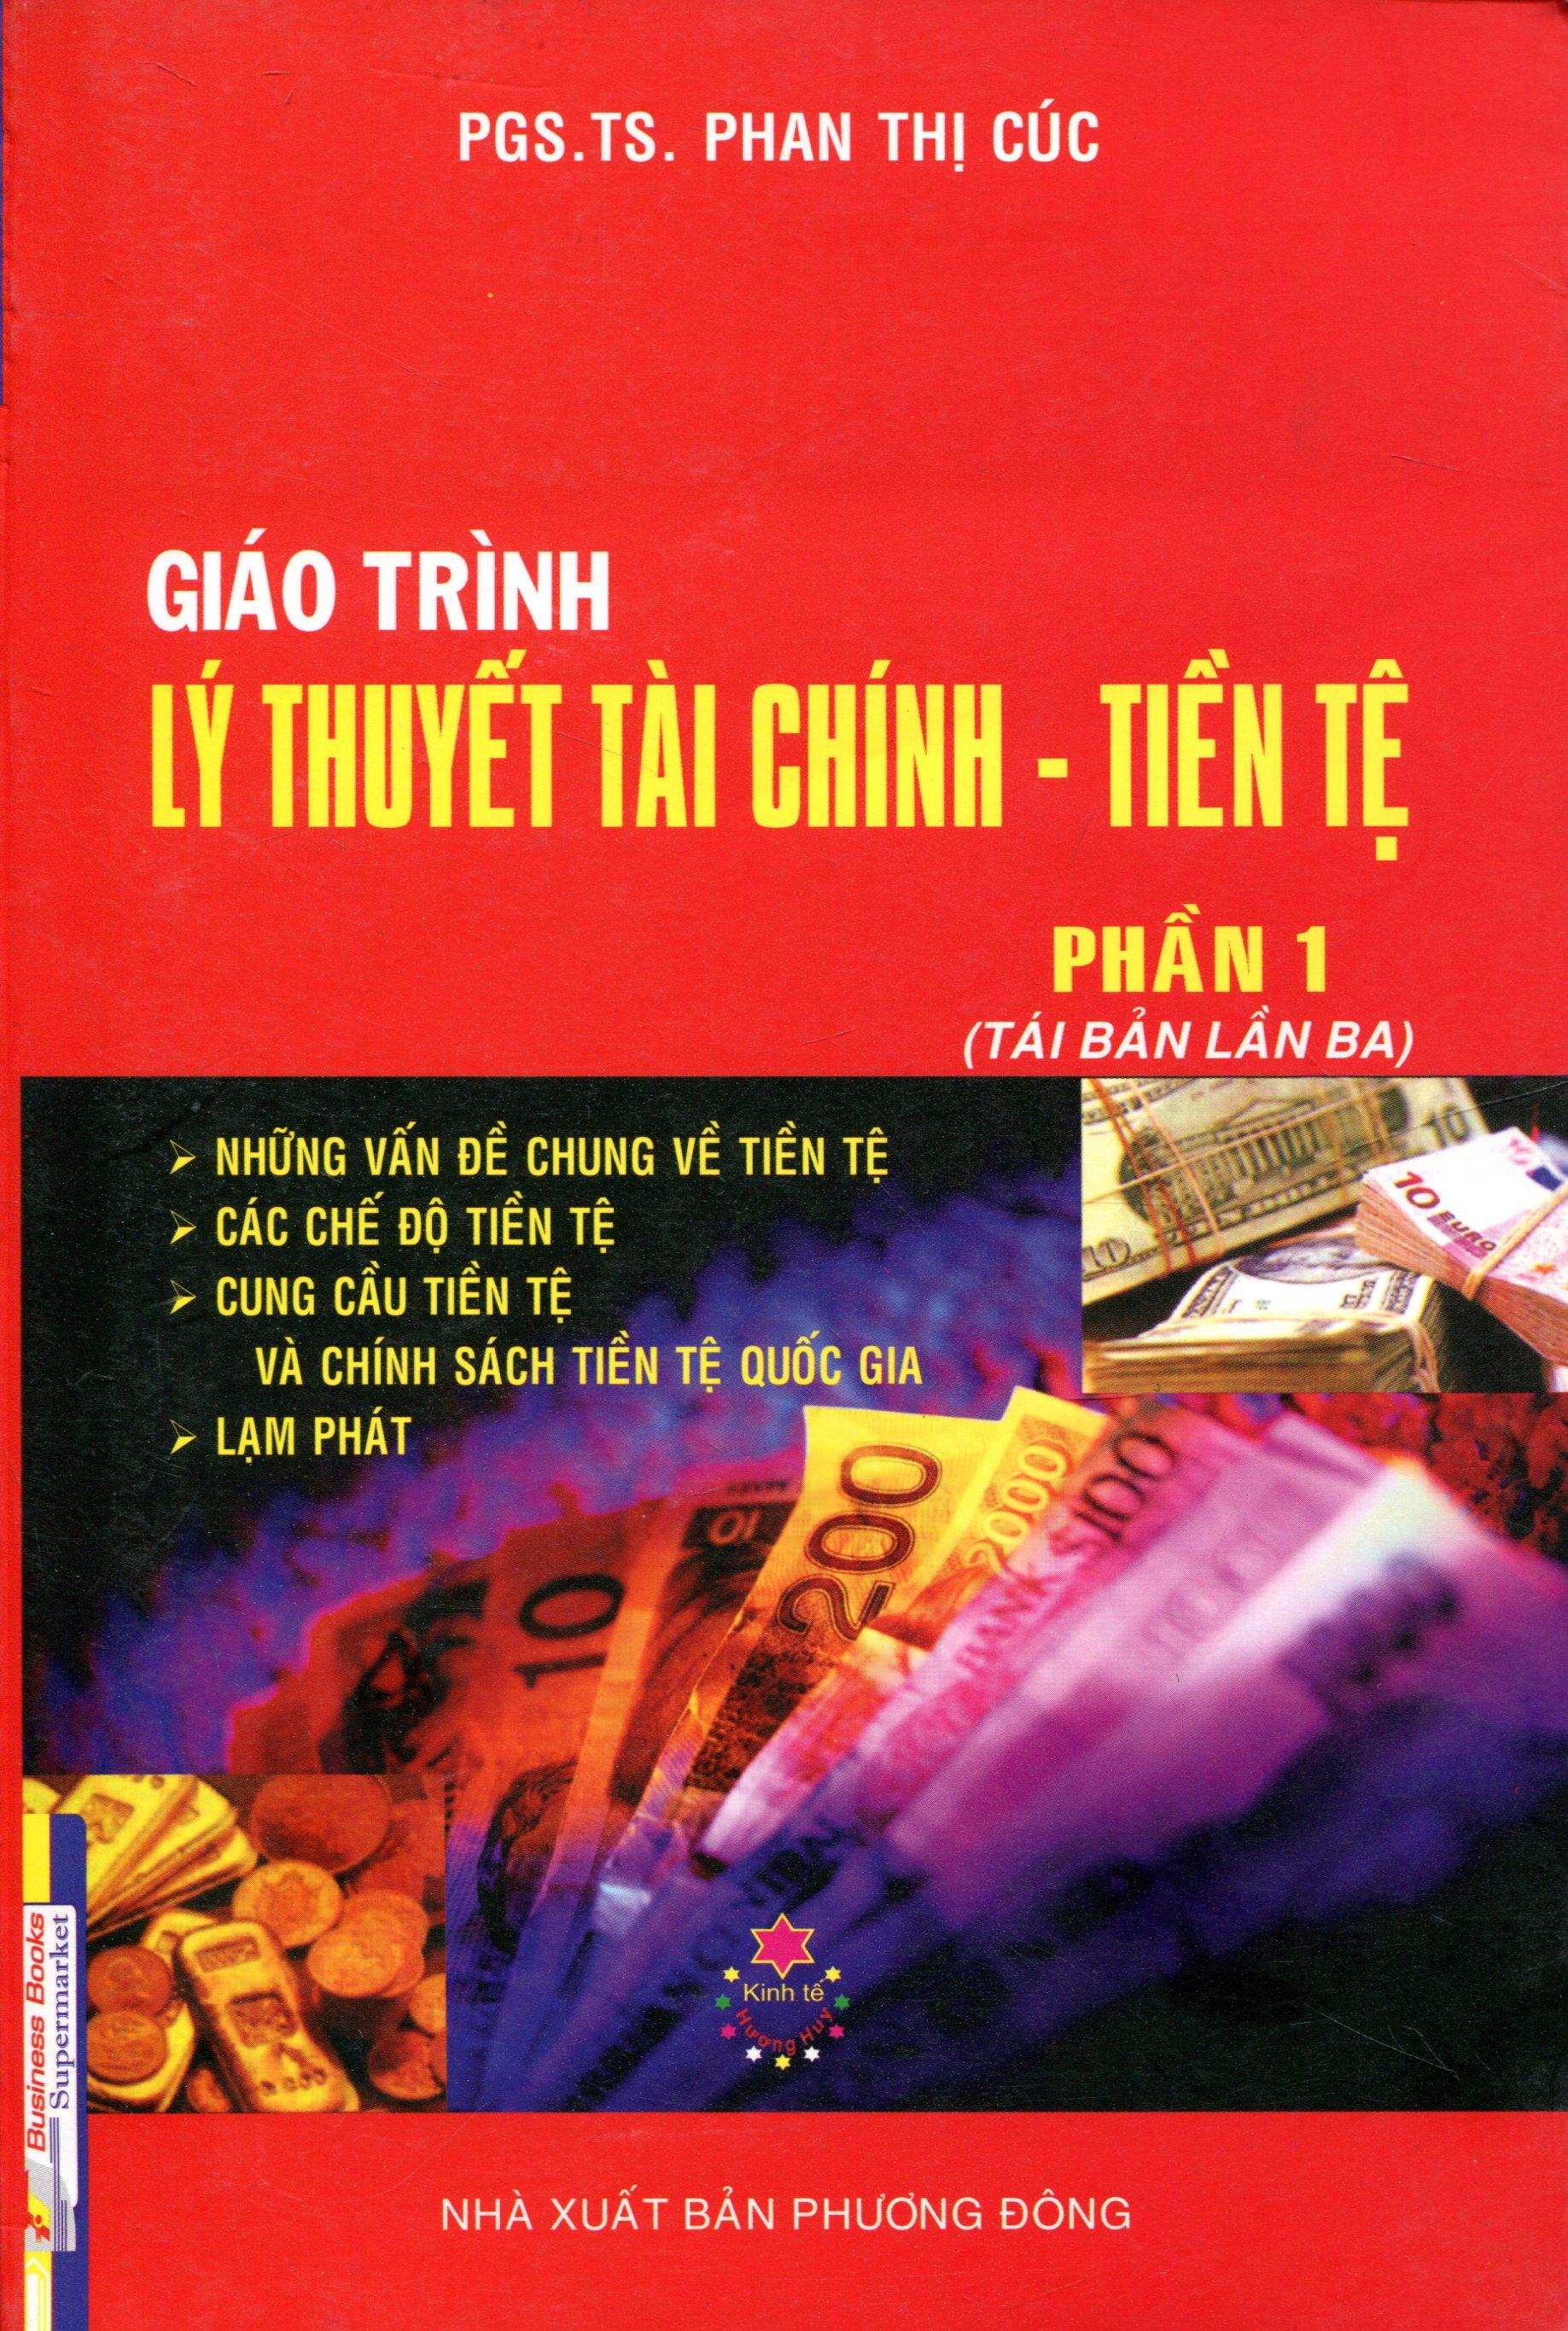 Giáo Trình Lý thuyết Tài Chính Tiền Tệ (Phần 1)